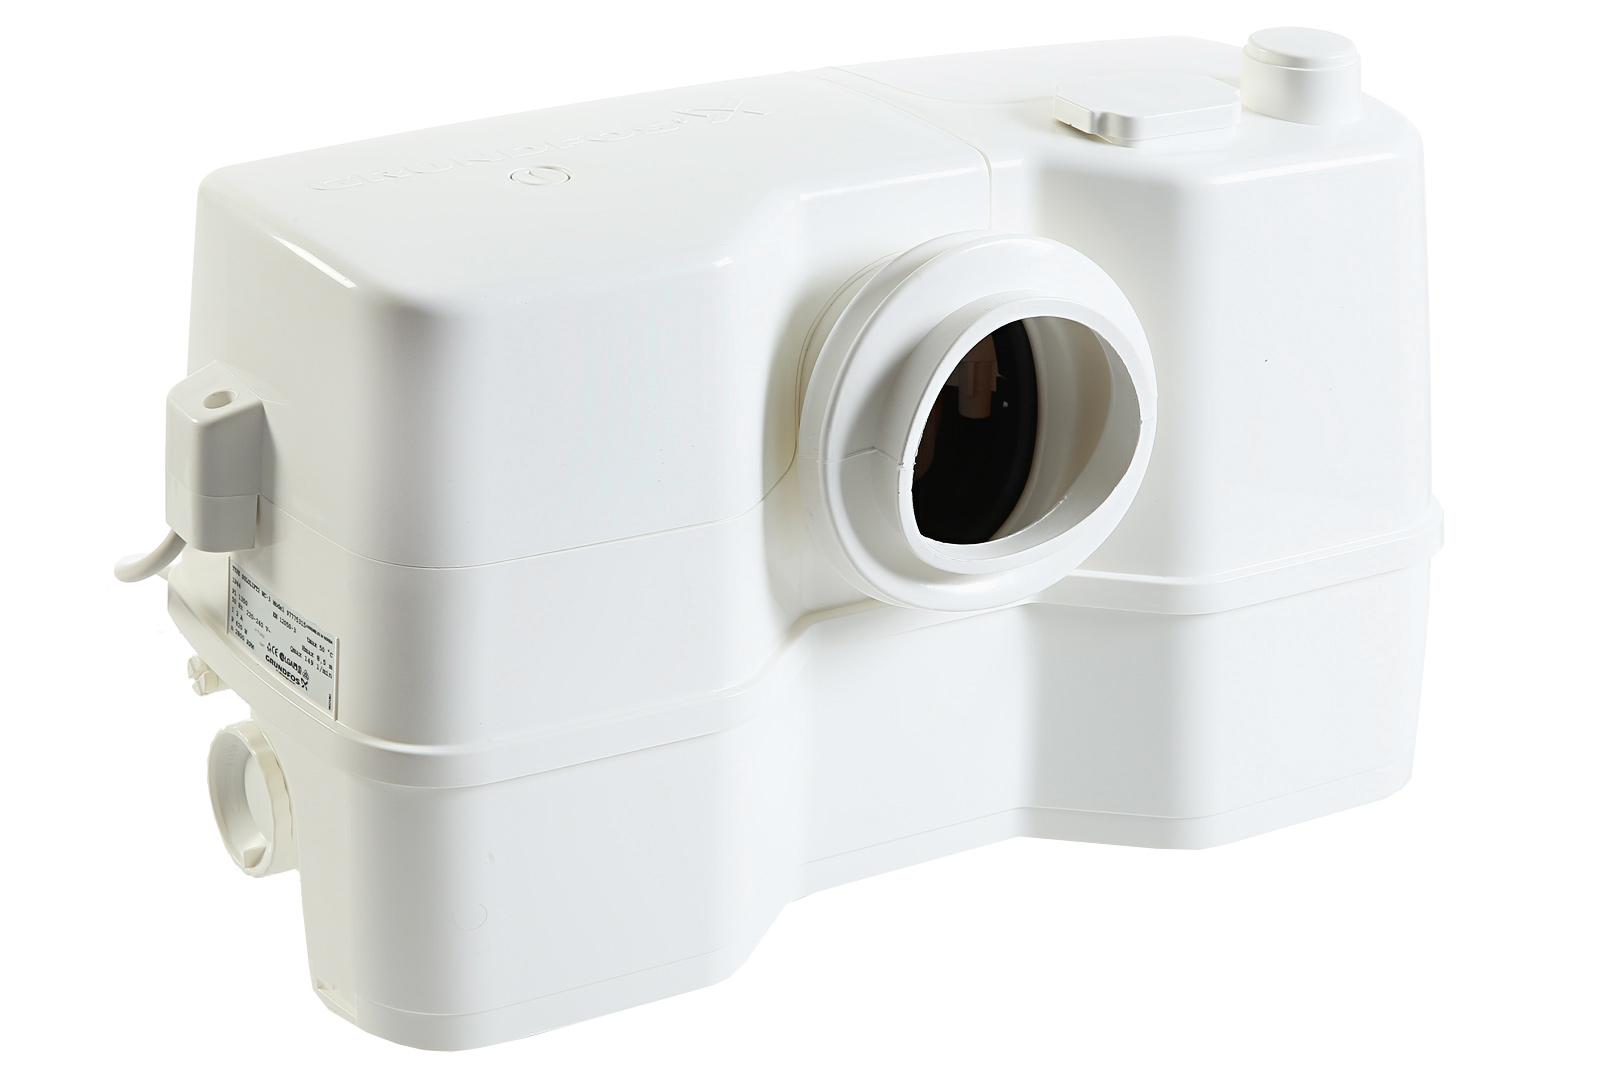 Насос Grundfos Sololift2 wc-3 - это правильный выбор. Вы знаете, что заказать продукцию производителя Grundfos - это просто и недорого.